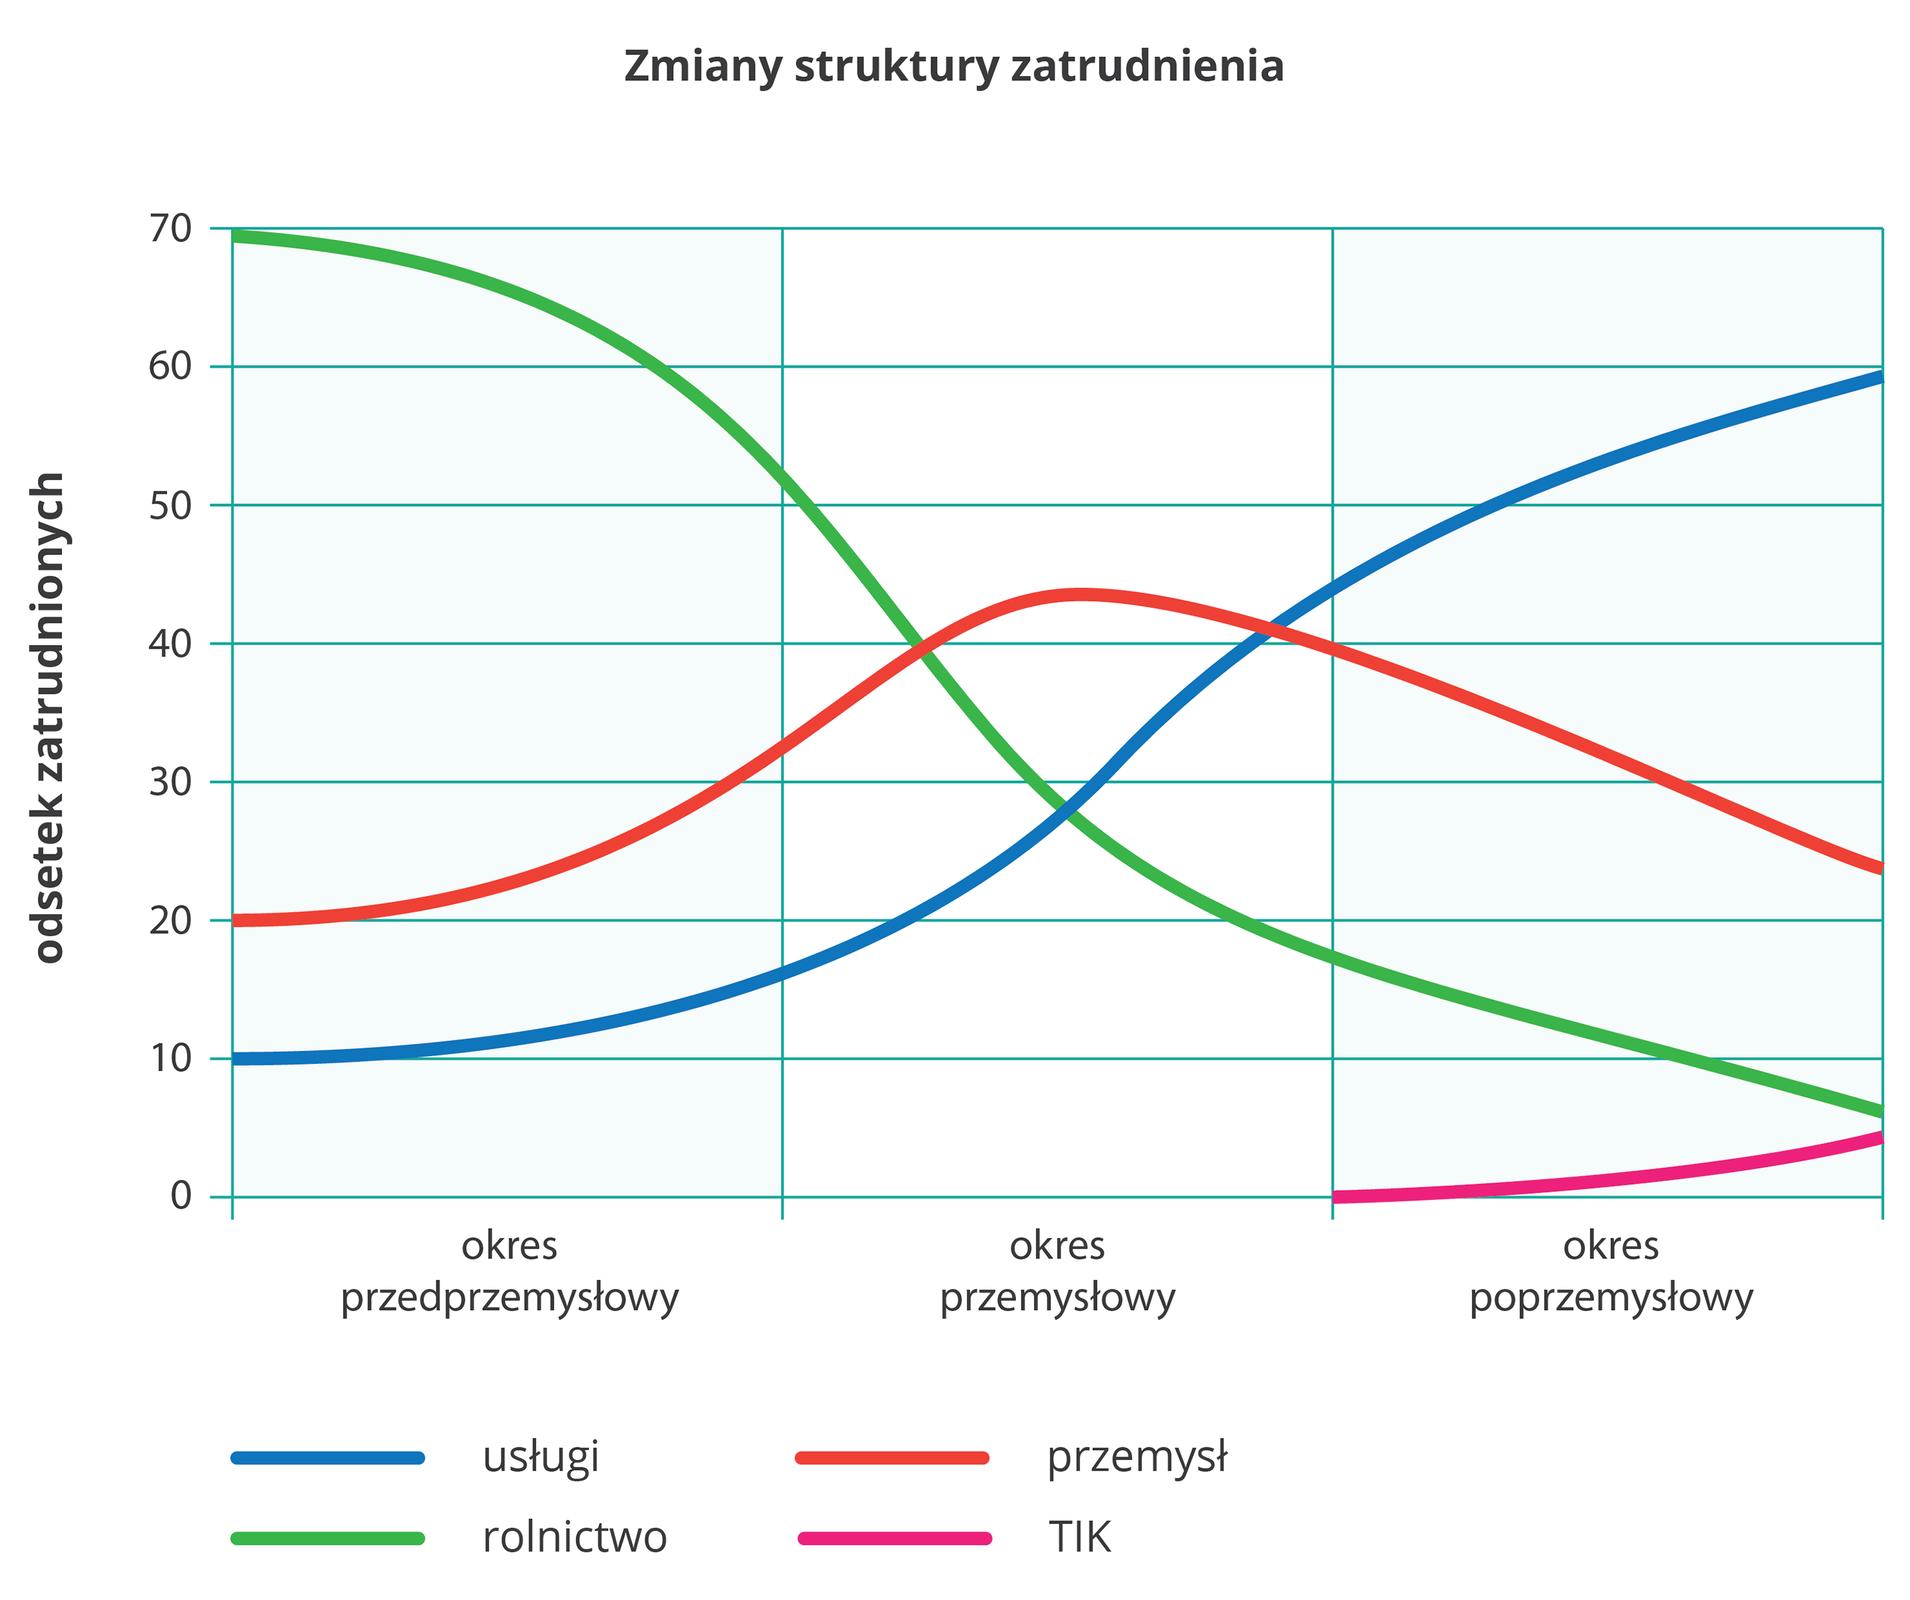 Na ilustracji wykres liniowy. Zlewej strony na osi pionowej opisano wartości od zera do siedemdziesięciu (odsetek zatrudnionych). Na osi poziomej podpisano trzy okresy: przedprzemysłowy, przemysłowy, poprzemysłowy. Na wykresie cztery kolorowe linie: usługi, niebieska, rośnie, rolnictwo, zielona, spada, przemysł, czerwona, rośnie, potem spada, technologie informacyjno-komunikacyjne, różowa, rośnie ijest widoczna tylko wokresie poprzemysłowym.